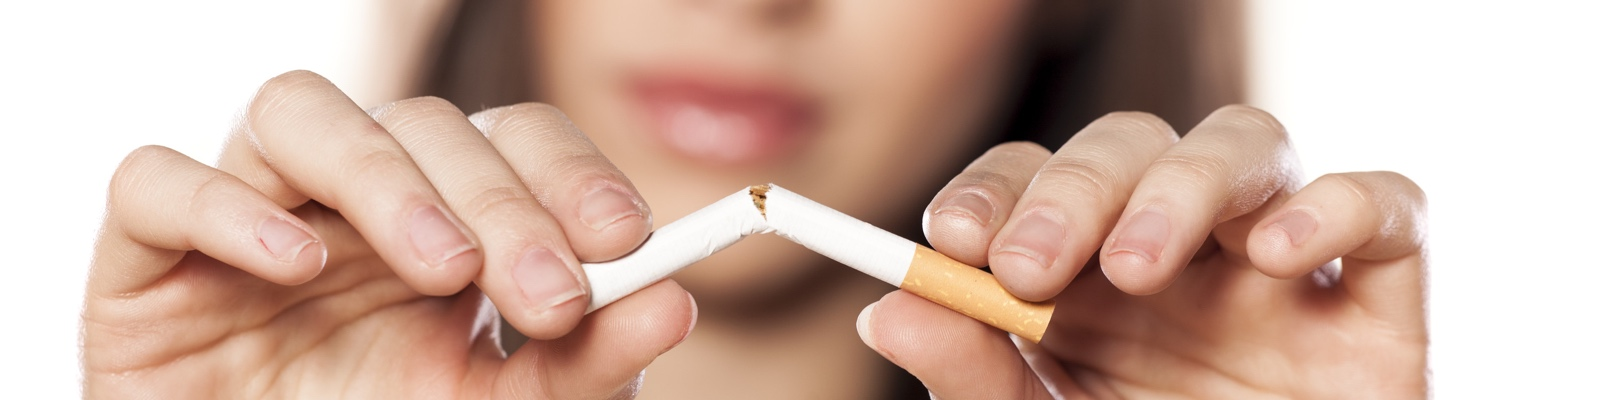 medicijn stoppen met roken